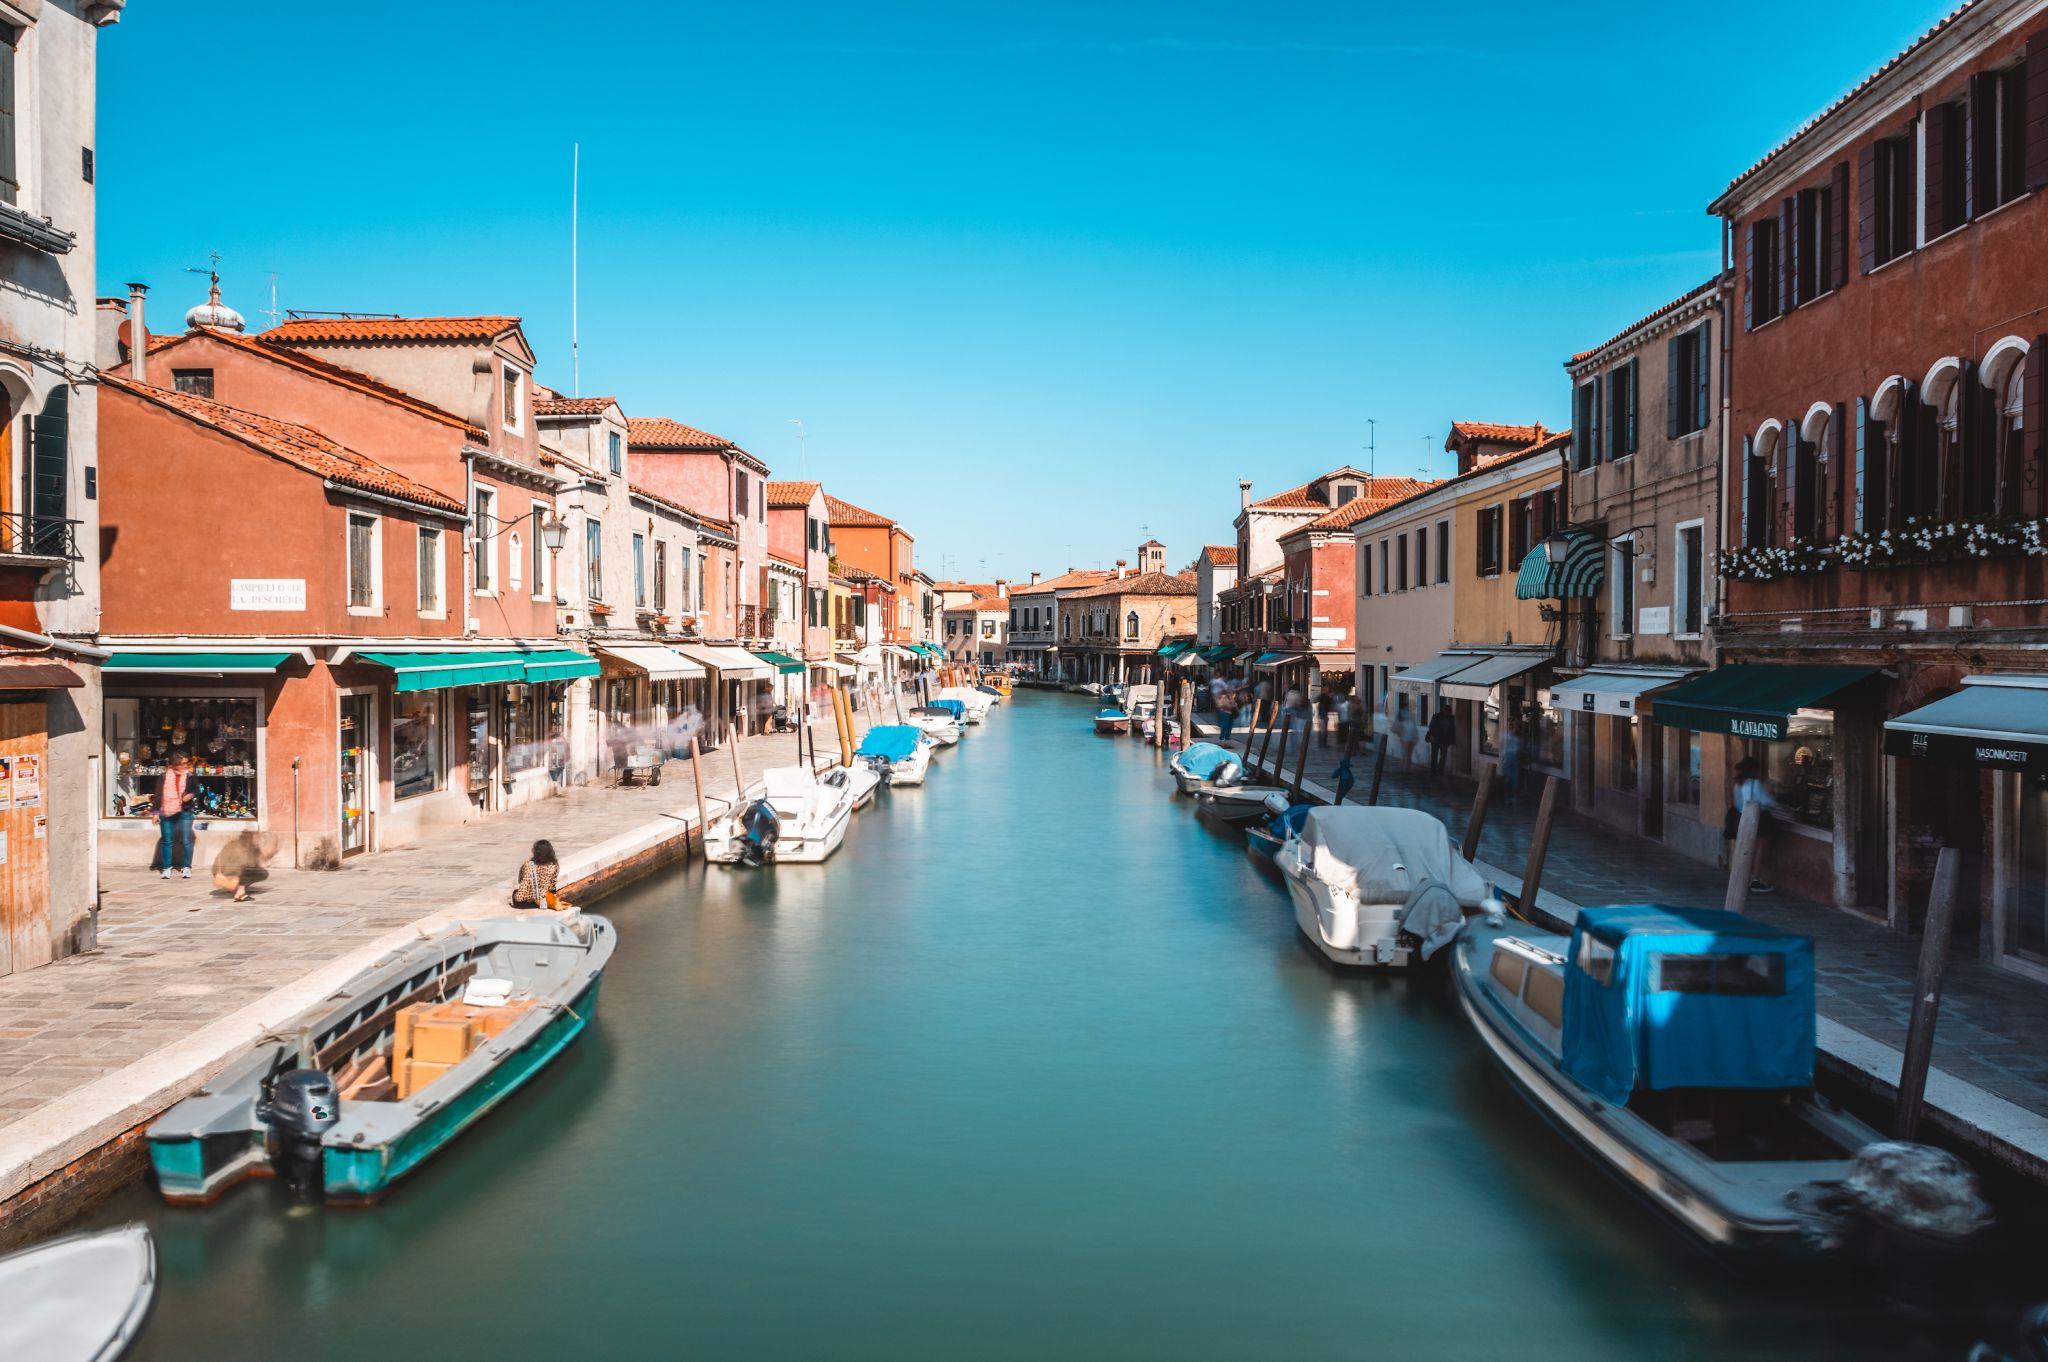 Rio dei Vitari - Murano, Italy